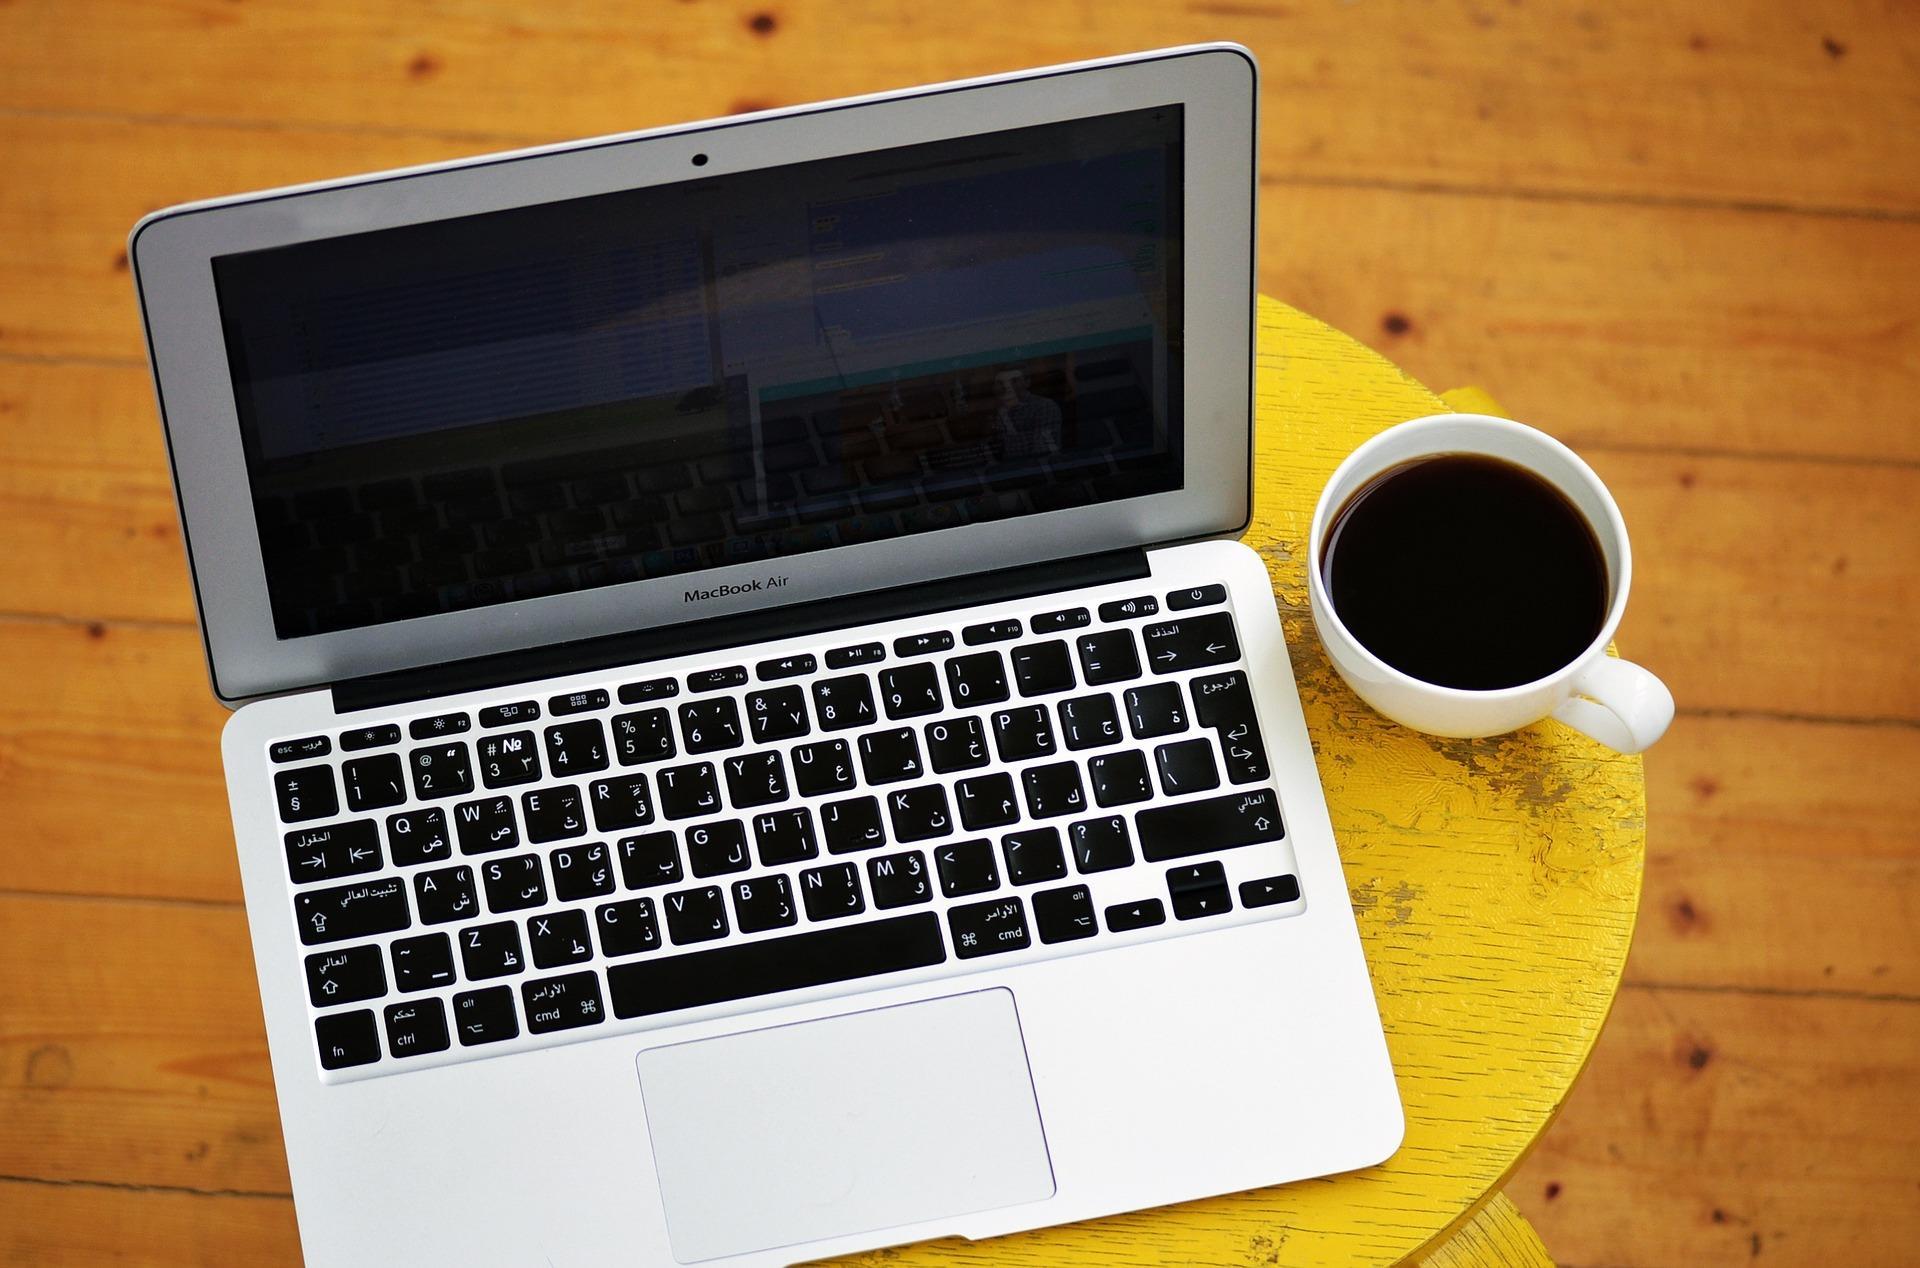 Yrittäjä, ilmoittaudu pikimmiten Business Kangasalan virtuaalisille aamukahveille kuulemaan tärkeistä, ajankohtaisista aiheista.